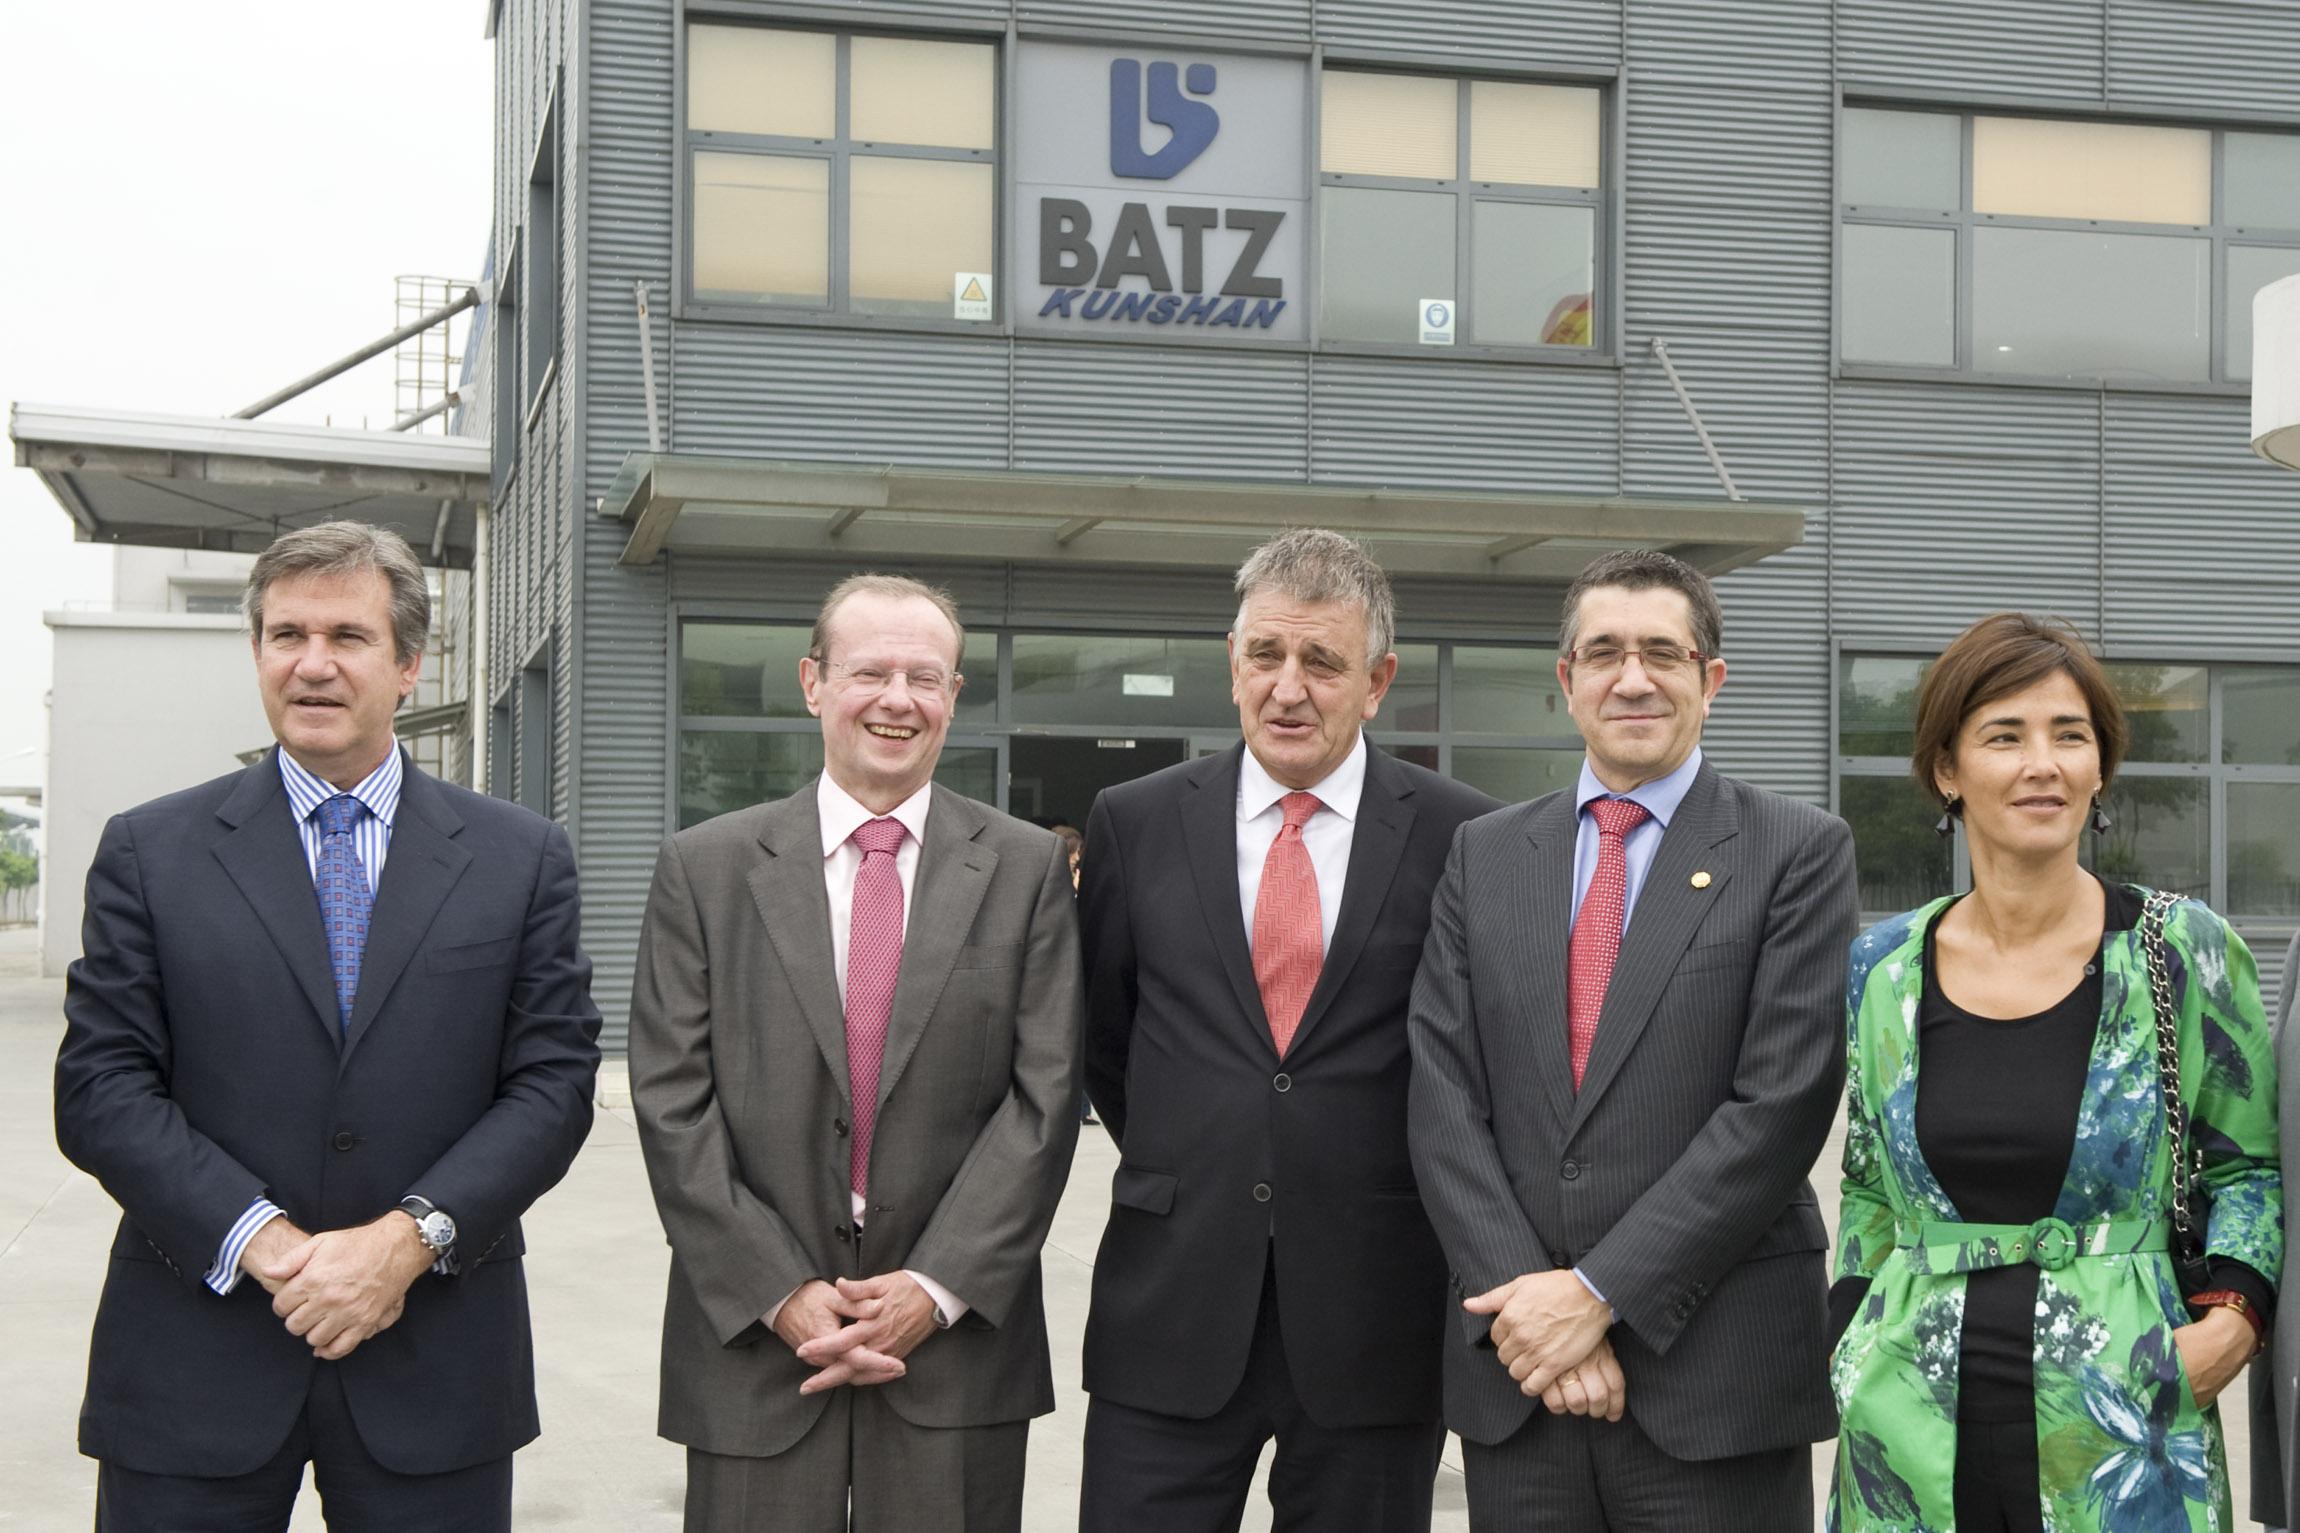 batz02.jpg